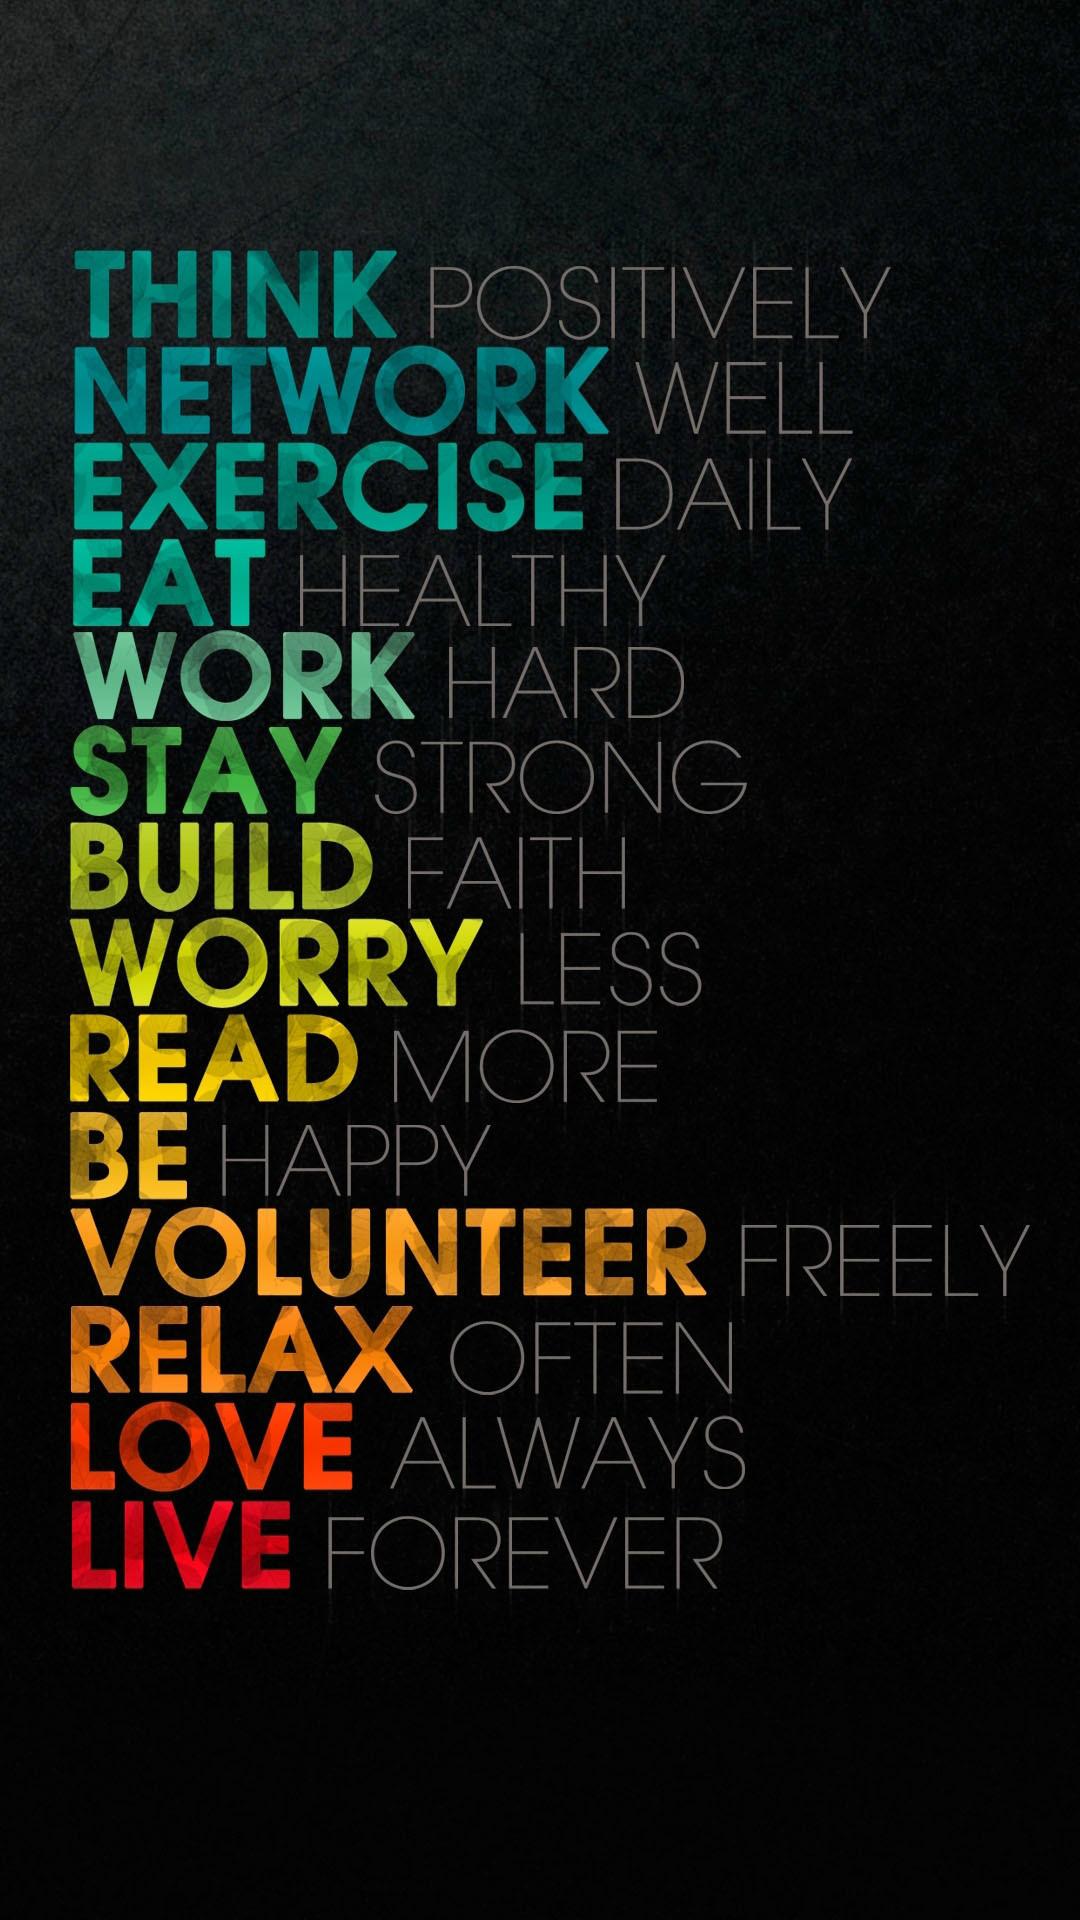 Words Of Wisdom iPhone 6 Wallpaper Download